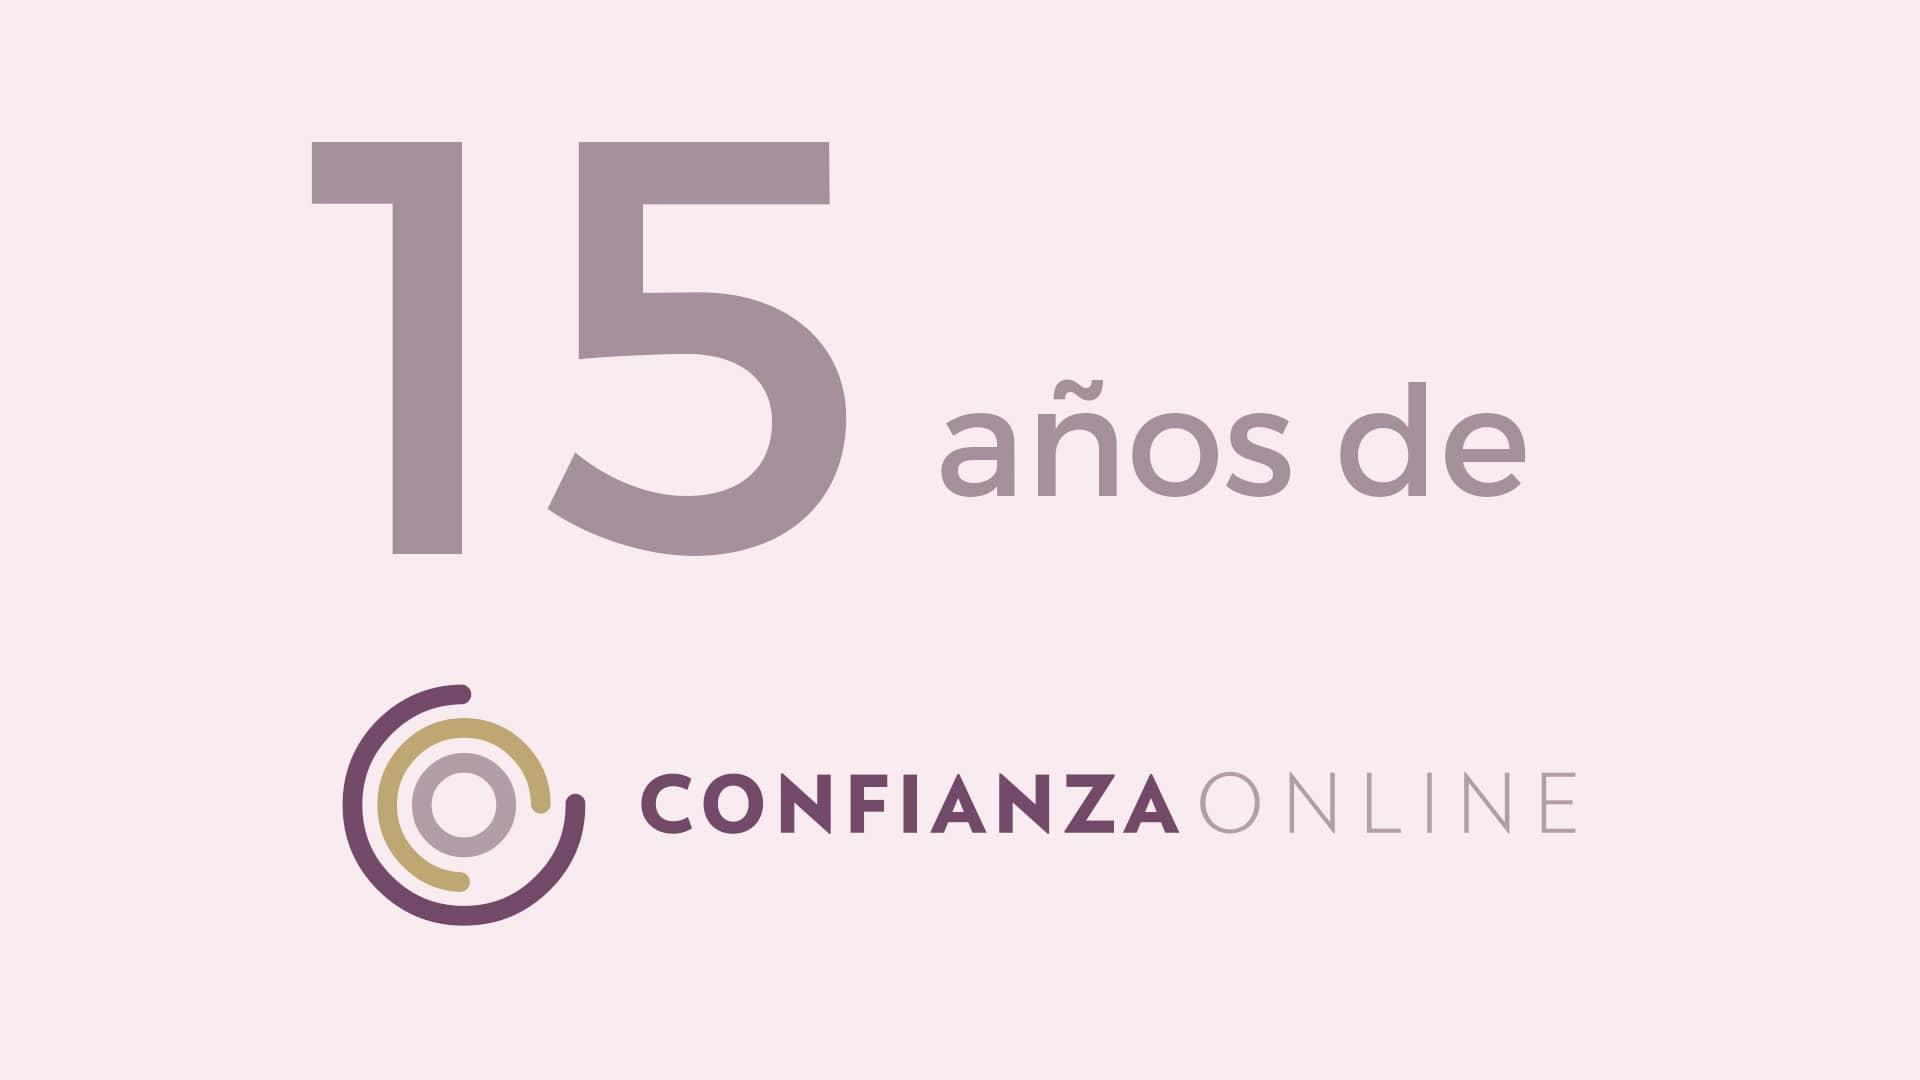 Confianza Online celebra 15 años de actividad con un recorrido a través de los hitos más importantes de su historia